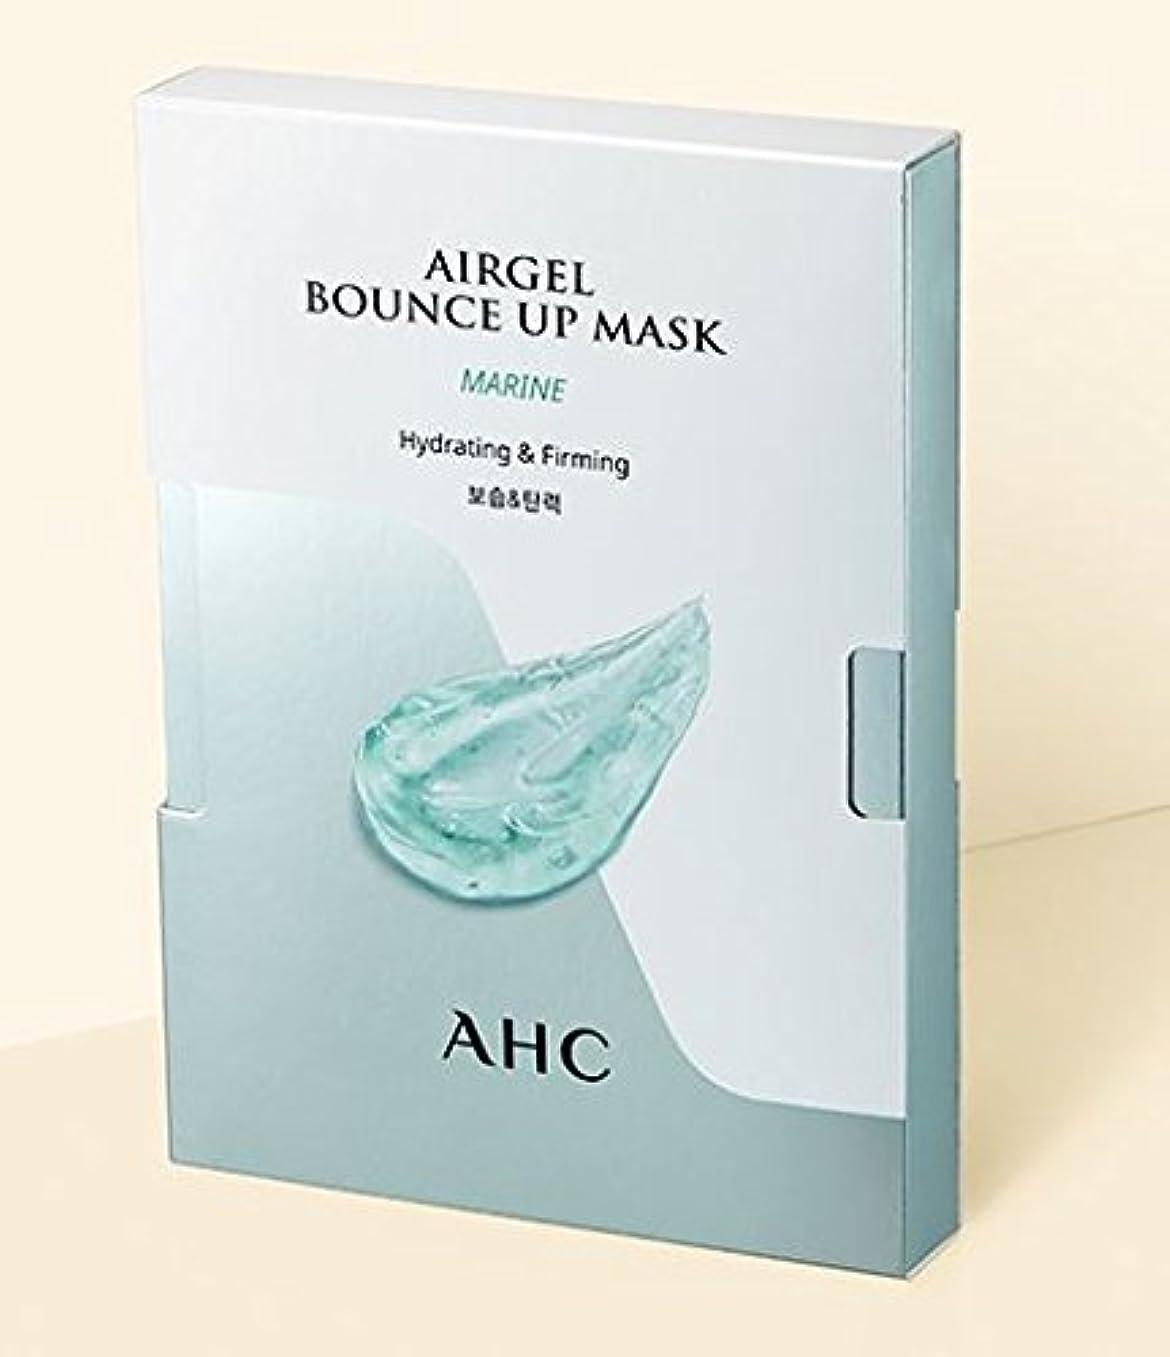 電子レンジリップ直感[A.H.C] Airgel Bounce Up Mask MARINE (Hydrating&Firming)30g*5sheet/マリンエアゲルマスク30g*5枚 [並行輸入品]